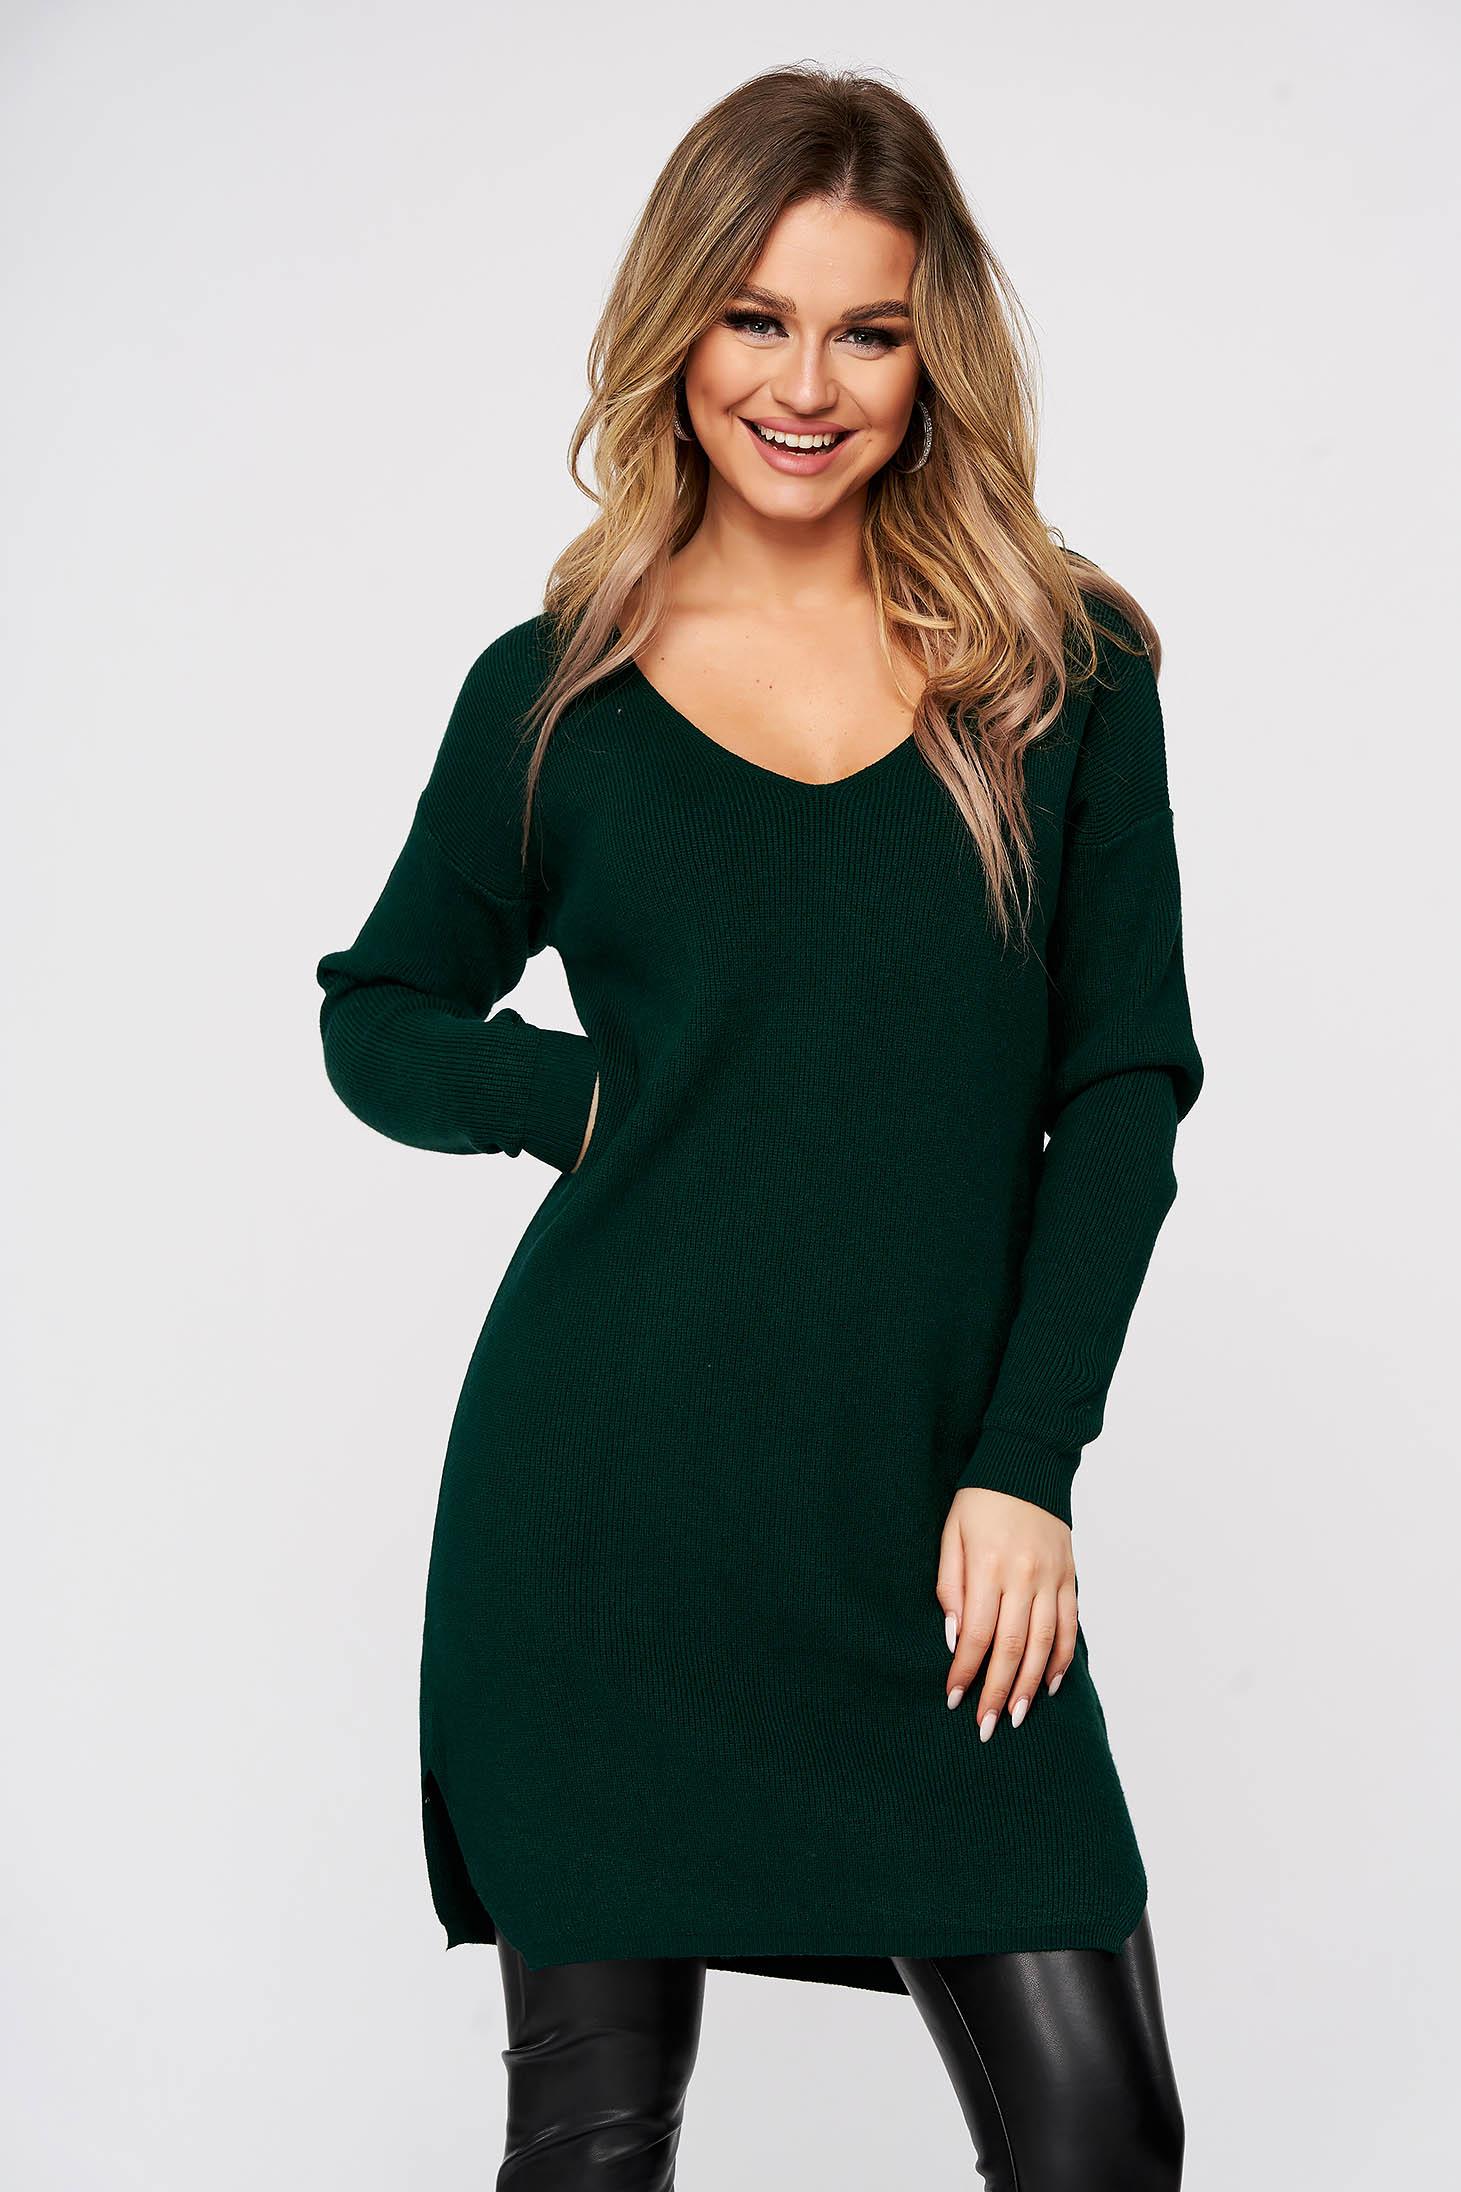 Rochie SunShine verde tricotata din material reiat elastic si fin cu slit lateral si cu decolteu in v